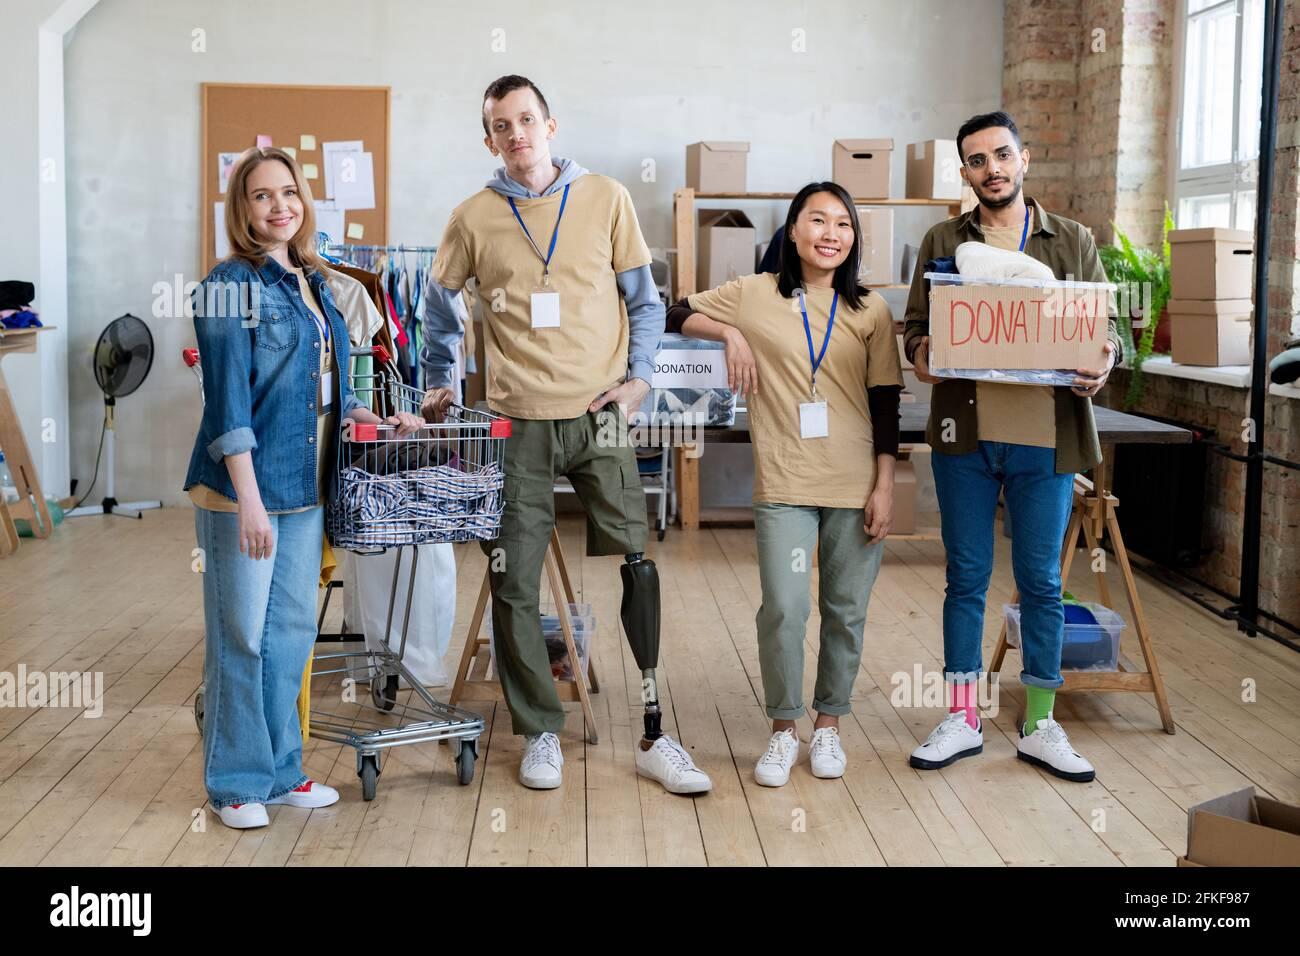 Un groupe de personnes avec des vêtements de don debout dans le bureau Banque D'Images